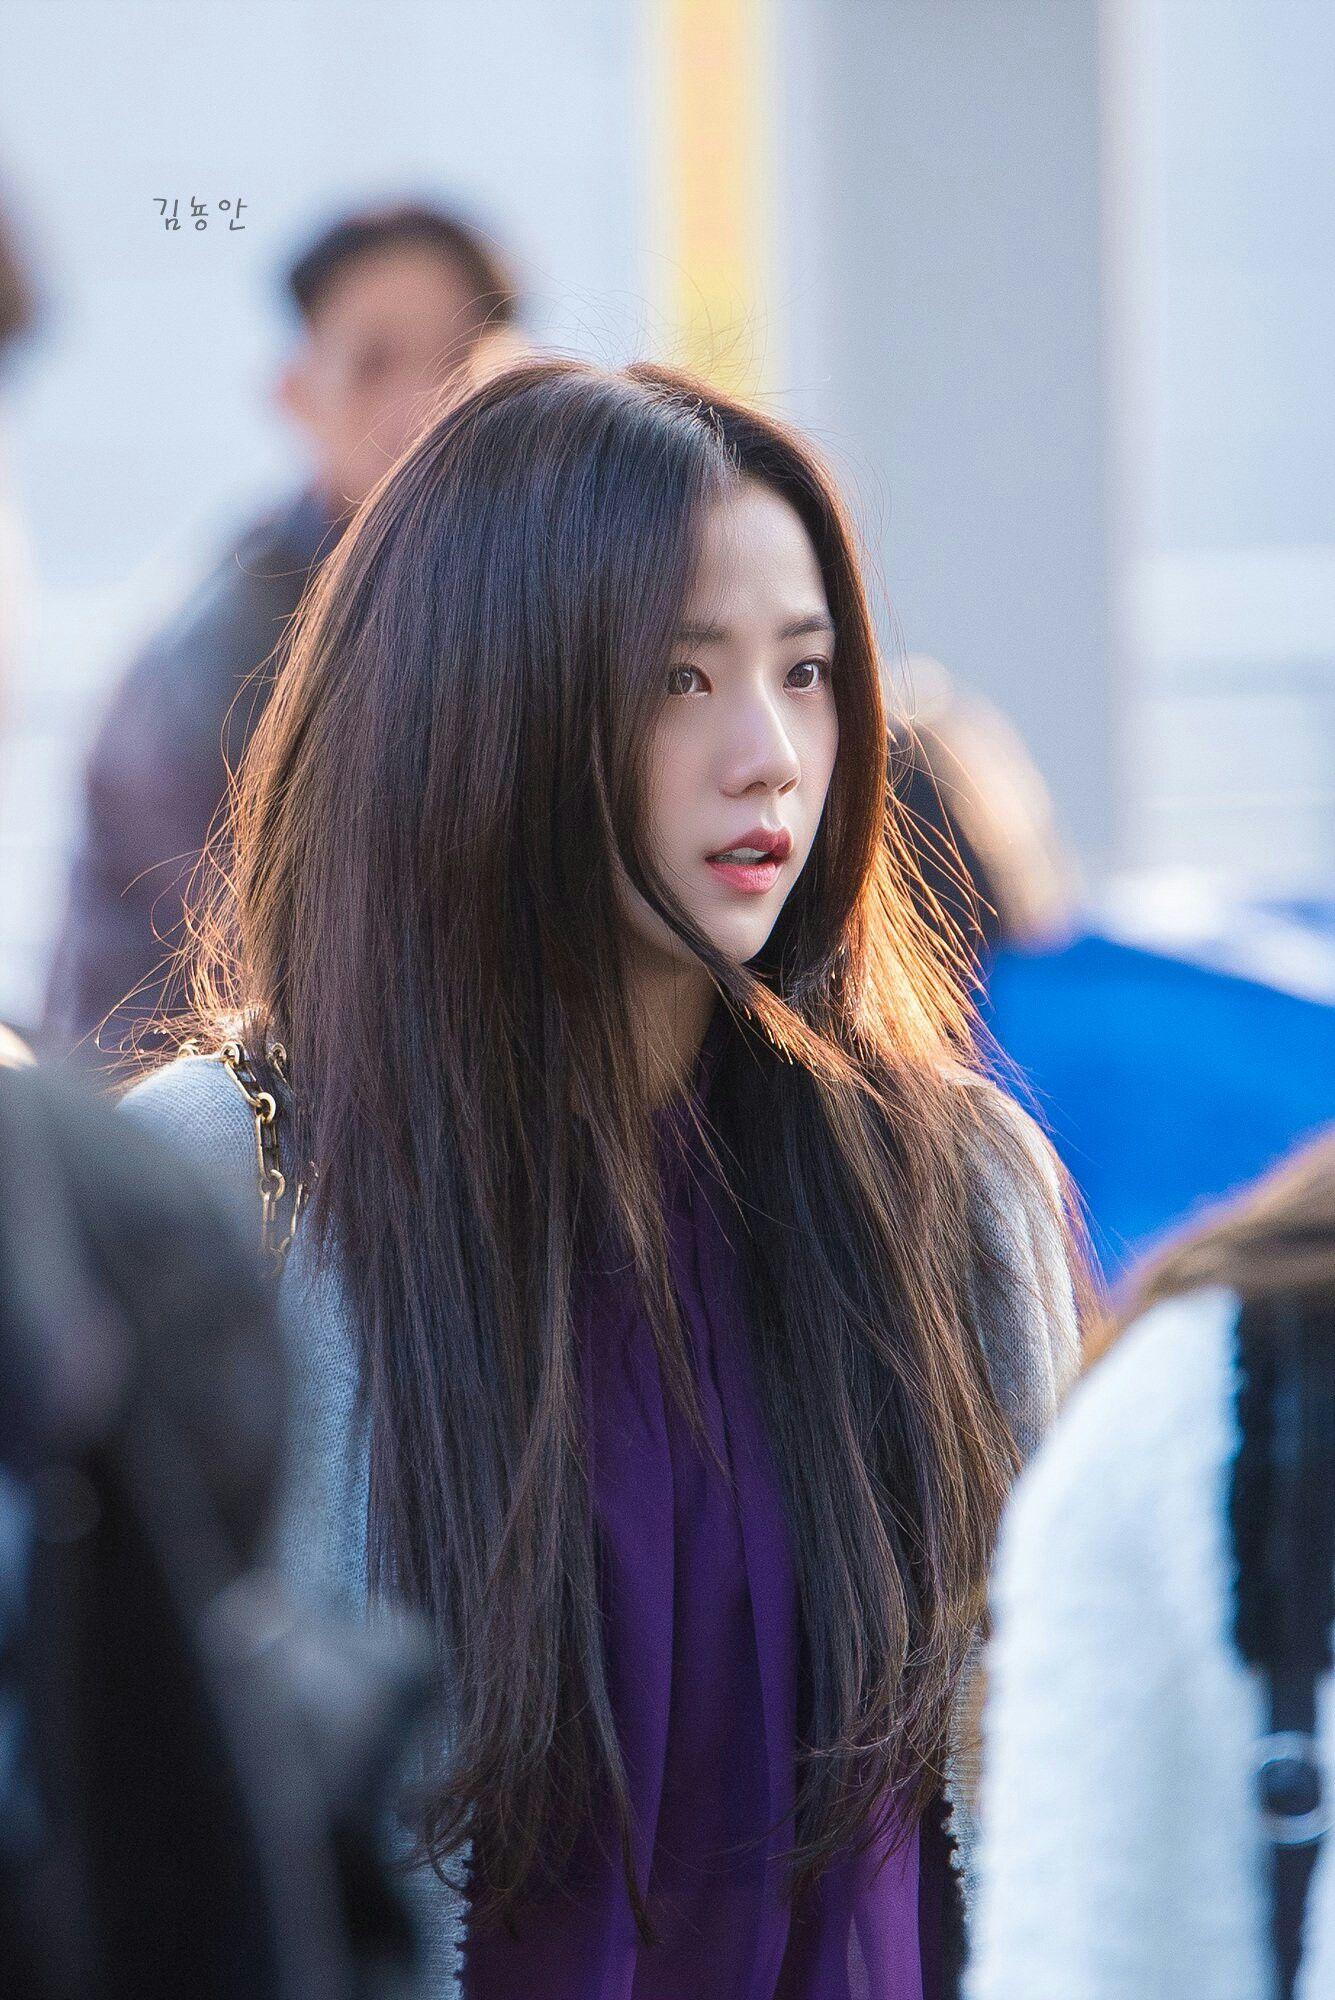 Jisoo có một điểm tuyệt phẩm ít người để ý nhưng lại giúp cô luôn đẹp như nữ chính ngôn tình tại sân bay - Ảnh 10.